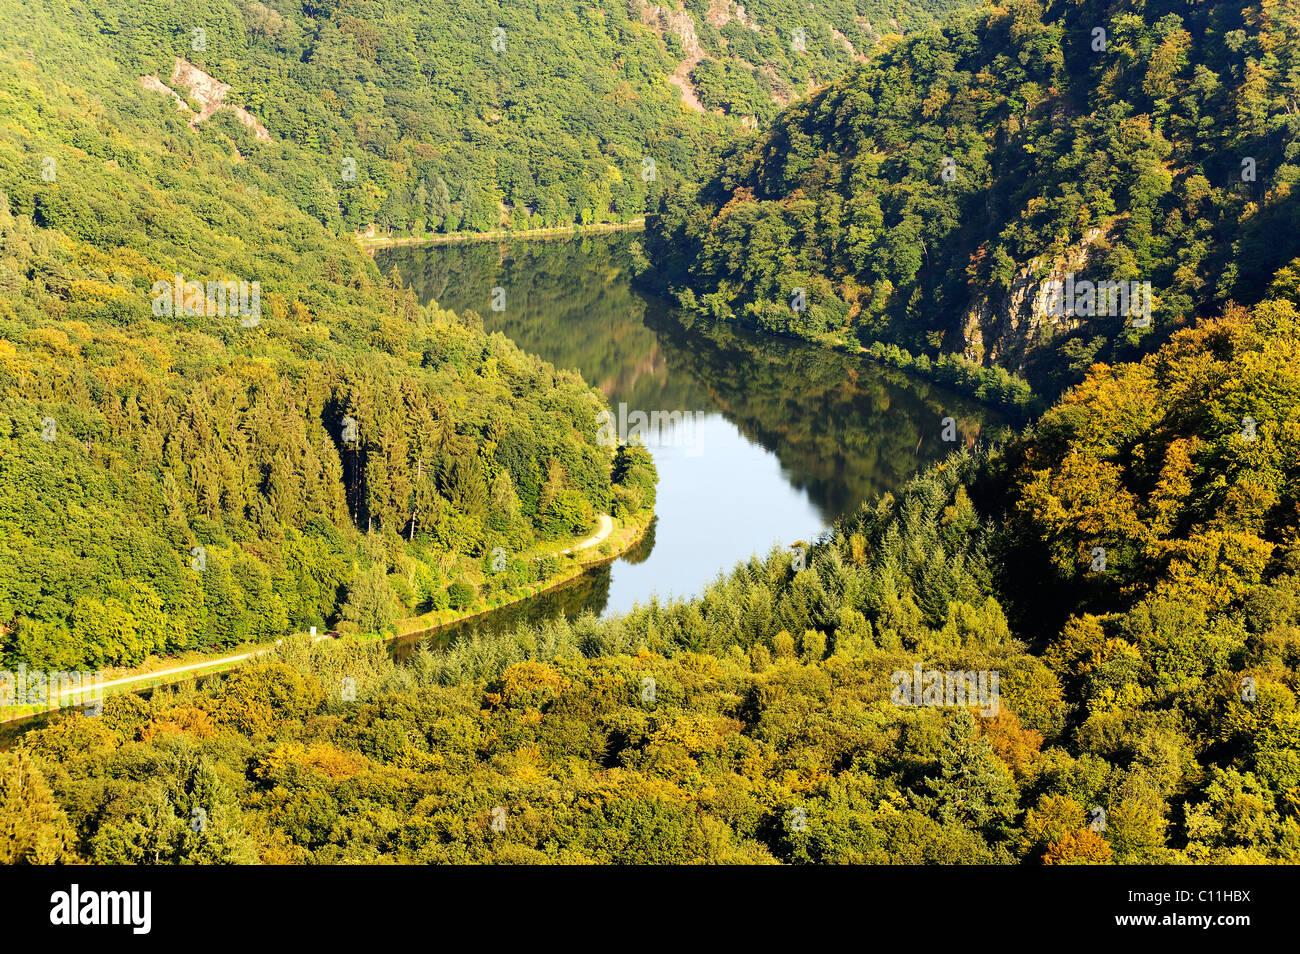 Sinuosity des Flusses Saar vom Aussichtspunkt Cloef bei Orscholz, Mettlach, Saarland, Deutschland, Europa Stockbild